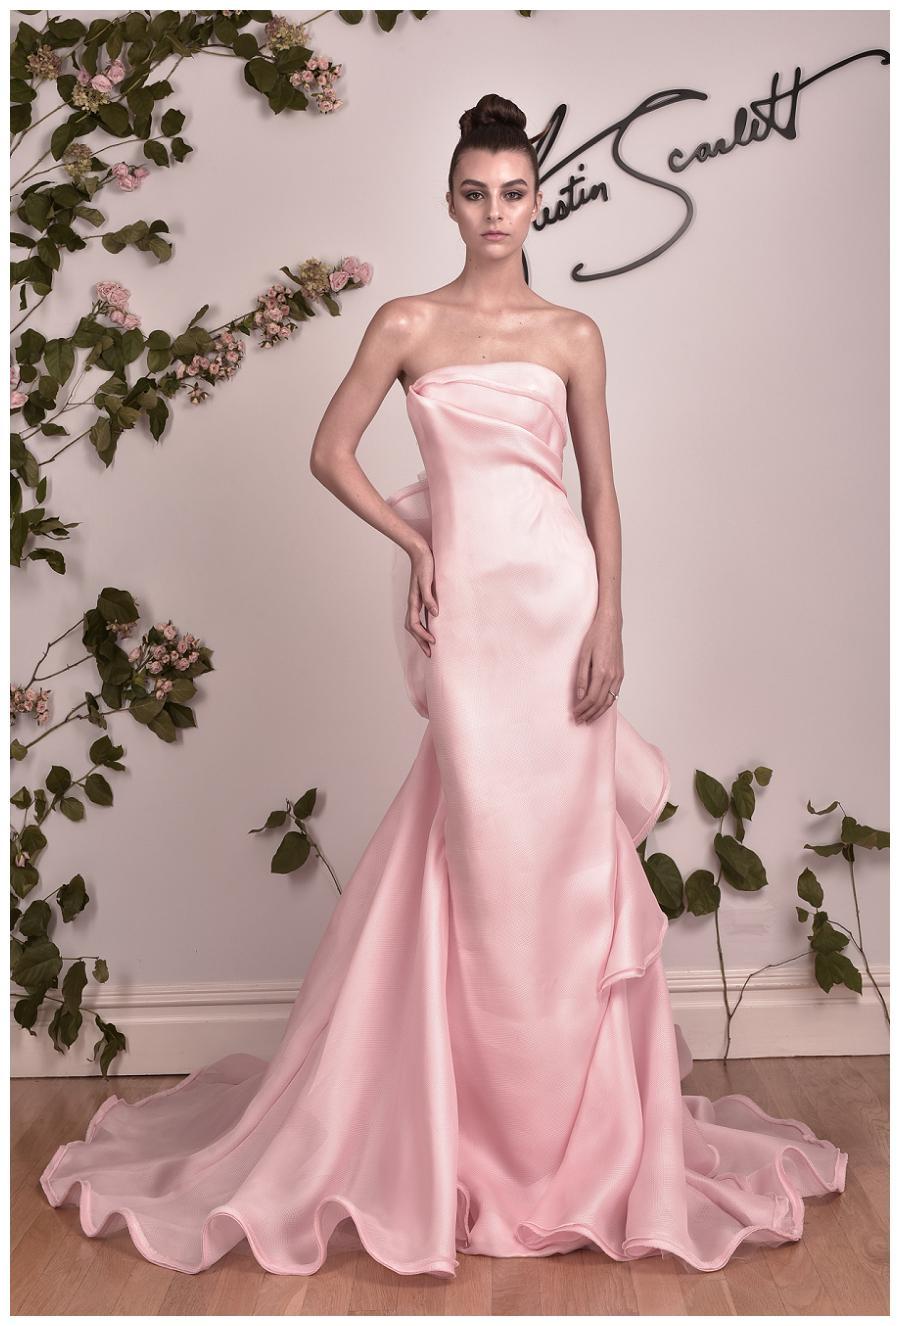 Austin Scarlett Pink Wedding Gowns 2016 | Bridal Wedding Ideas